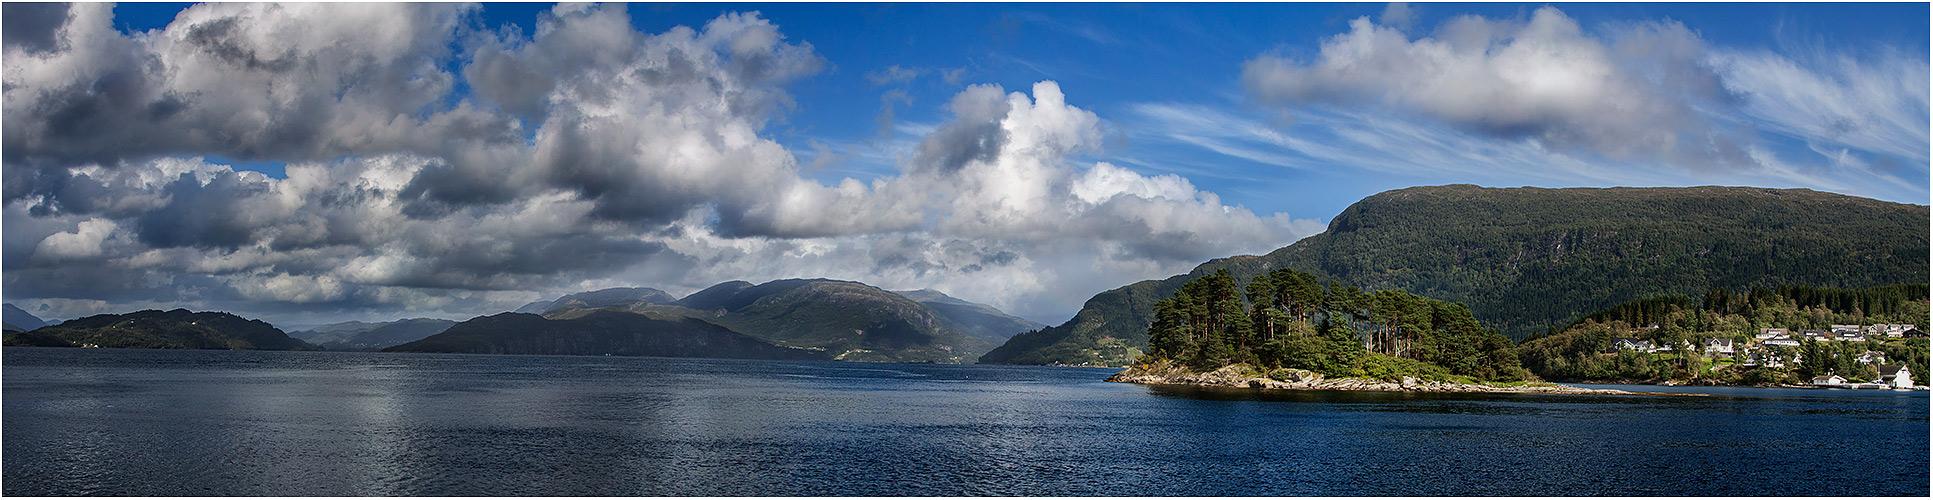 ... am Hardangerfjord III ...